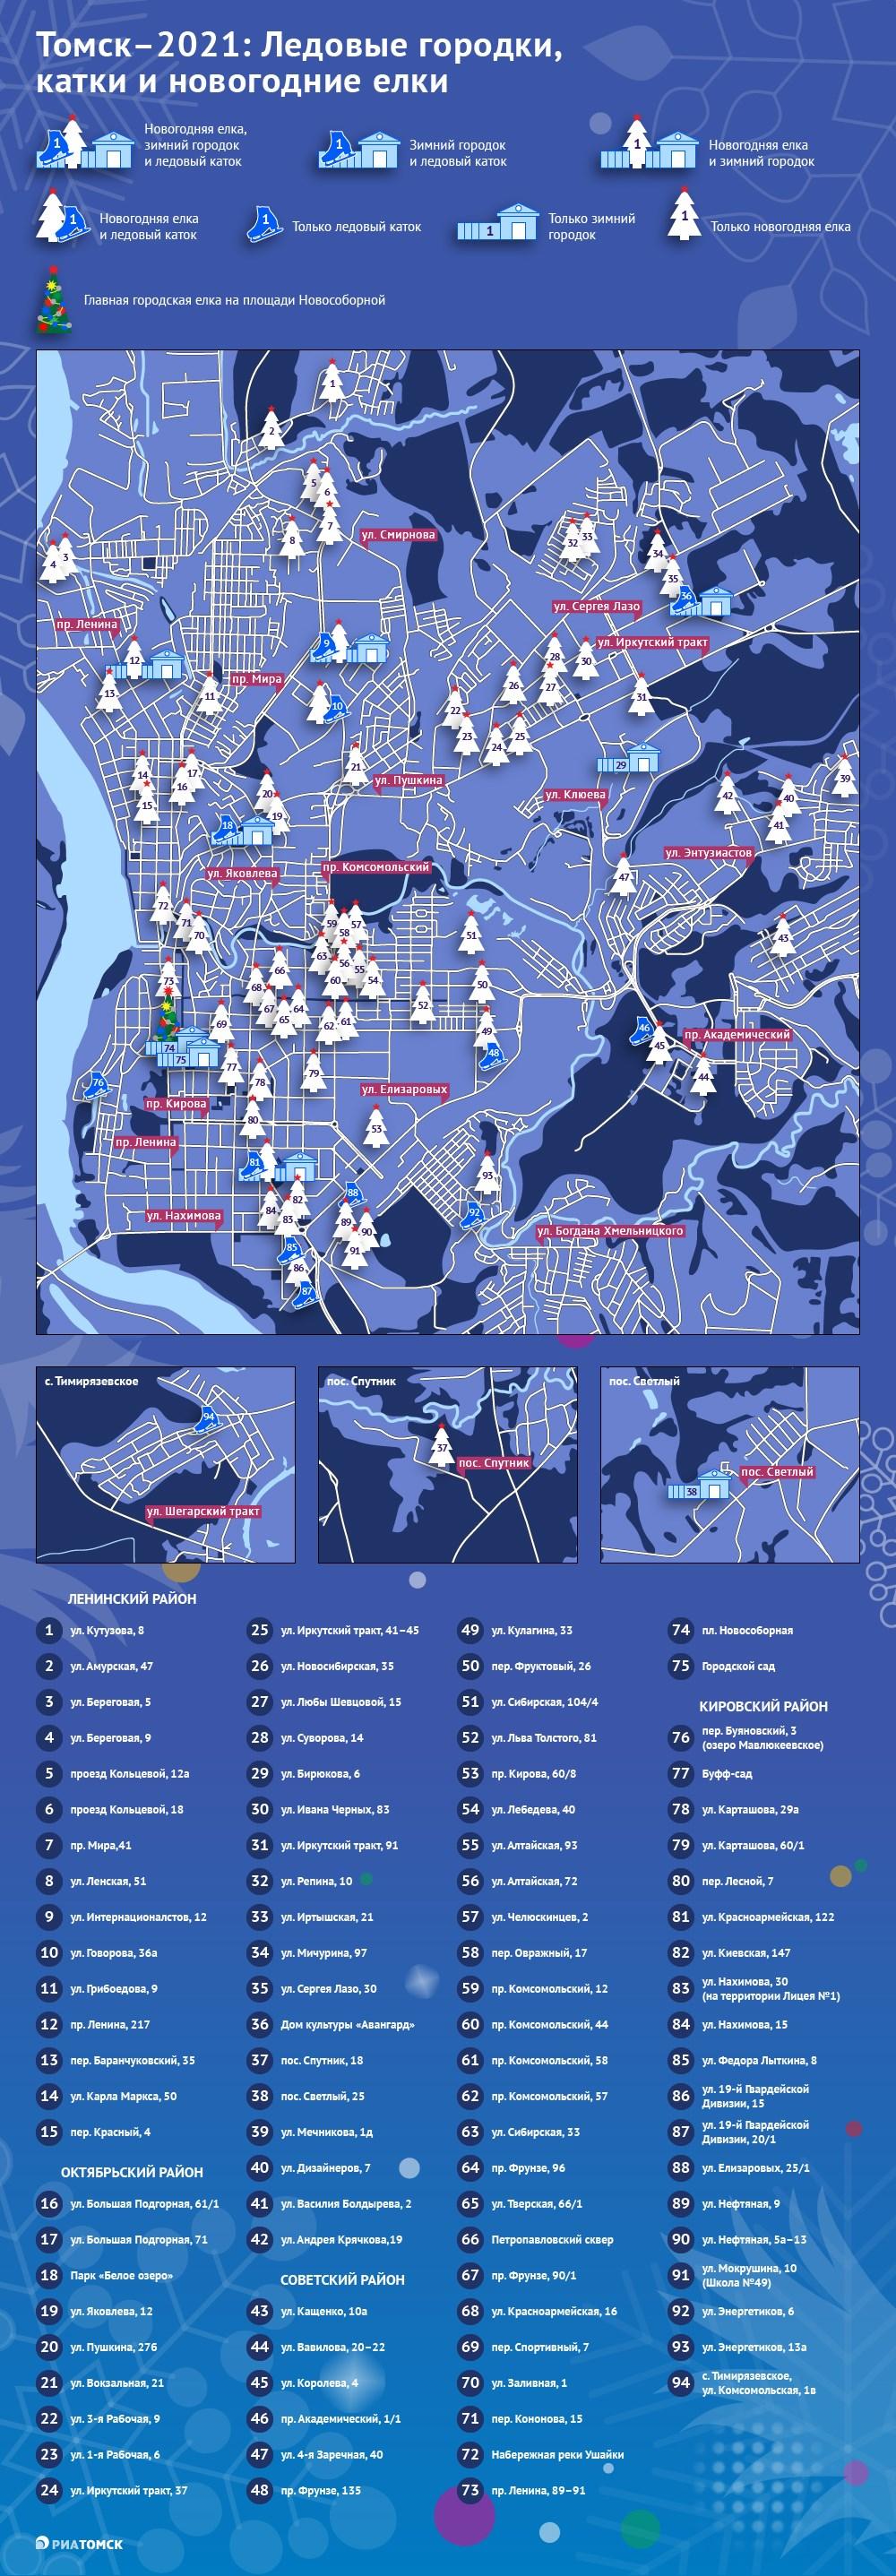 Пандемия Covid-19 не отменяет Нового года. На улицах и площадях Томска традиционно появятся несколько десятков новогодних елей, девять ледовых городков и 13 катков. Где именно – в инфографике РИА Томск.